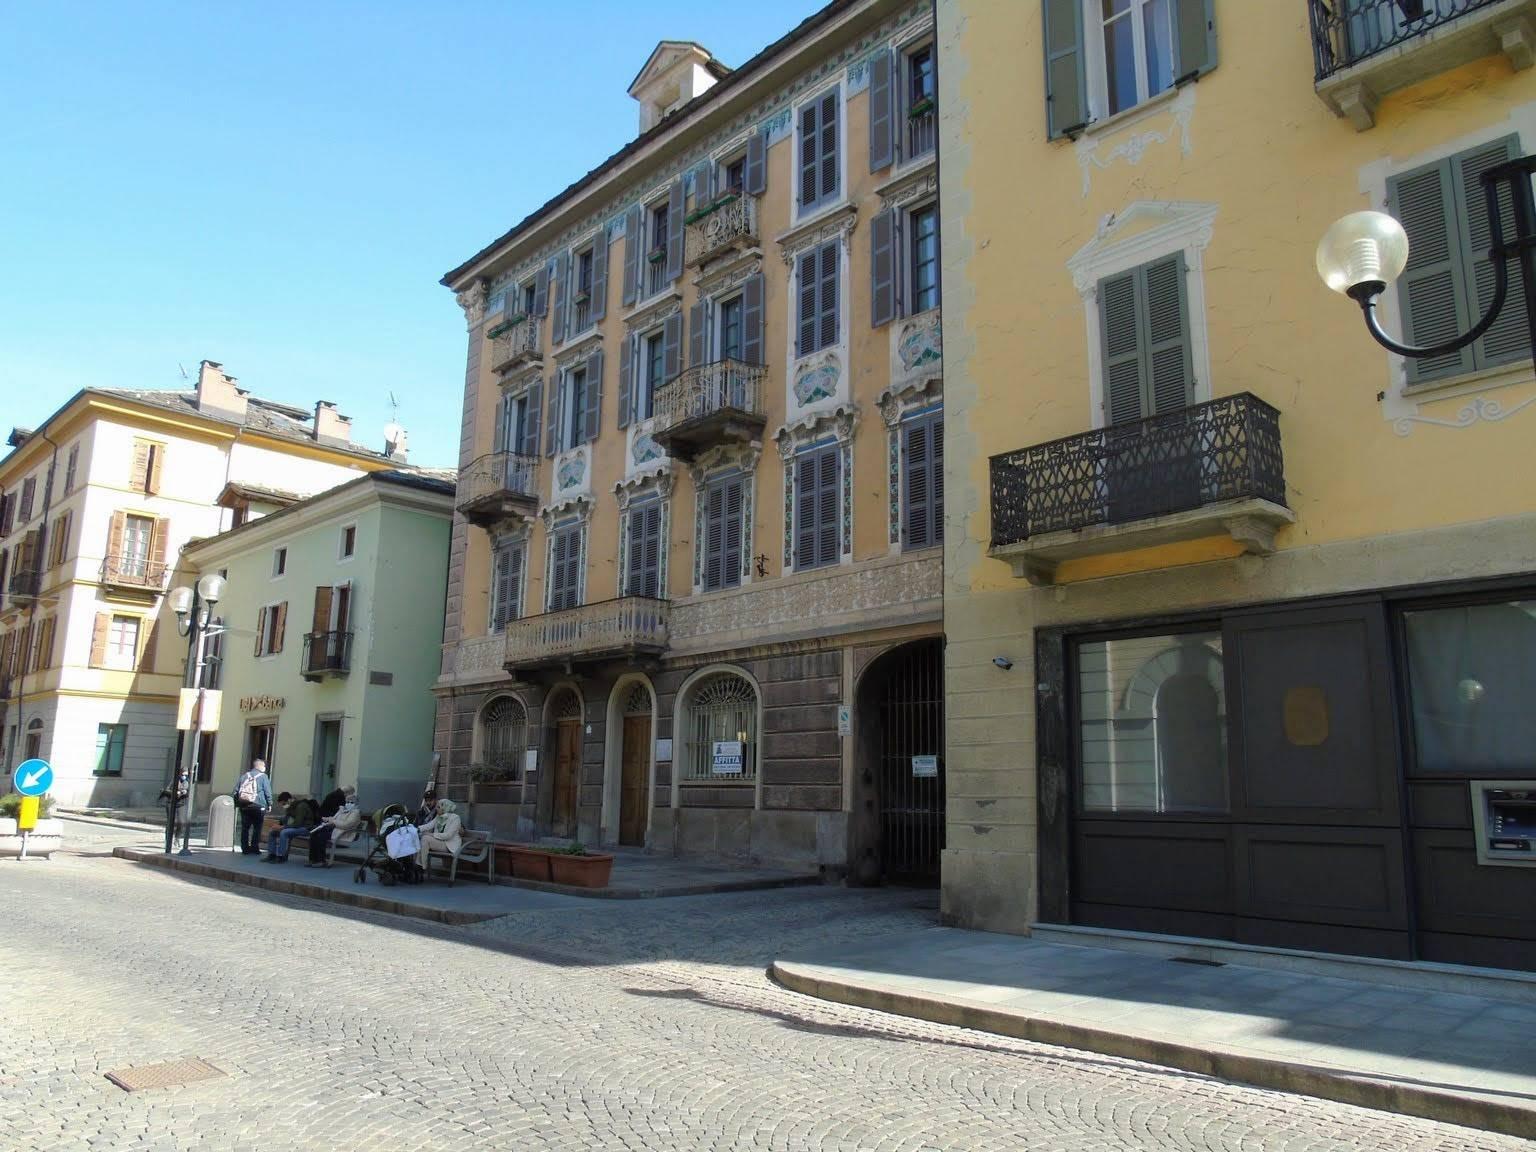 Appartamento in affitto a Aosta, 4 locali, zona ro, prezzo € 650 | PortaleAgenzieImmobiliari.it